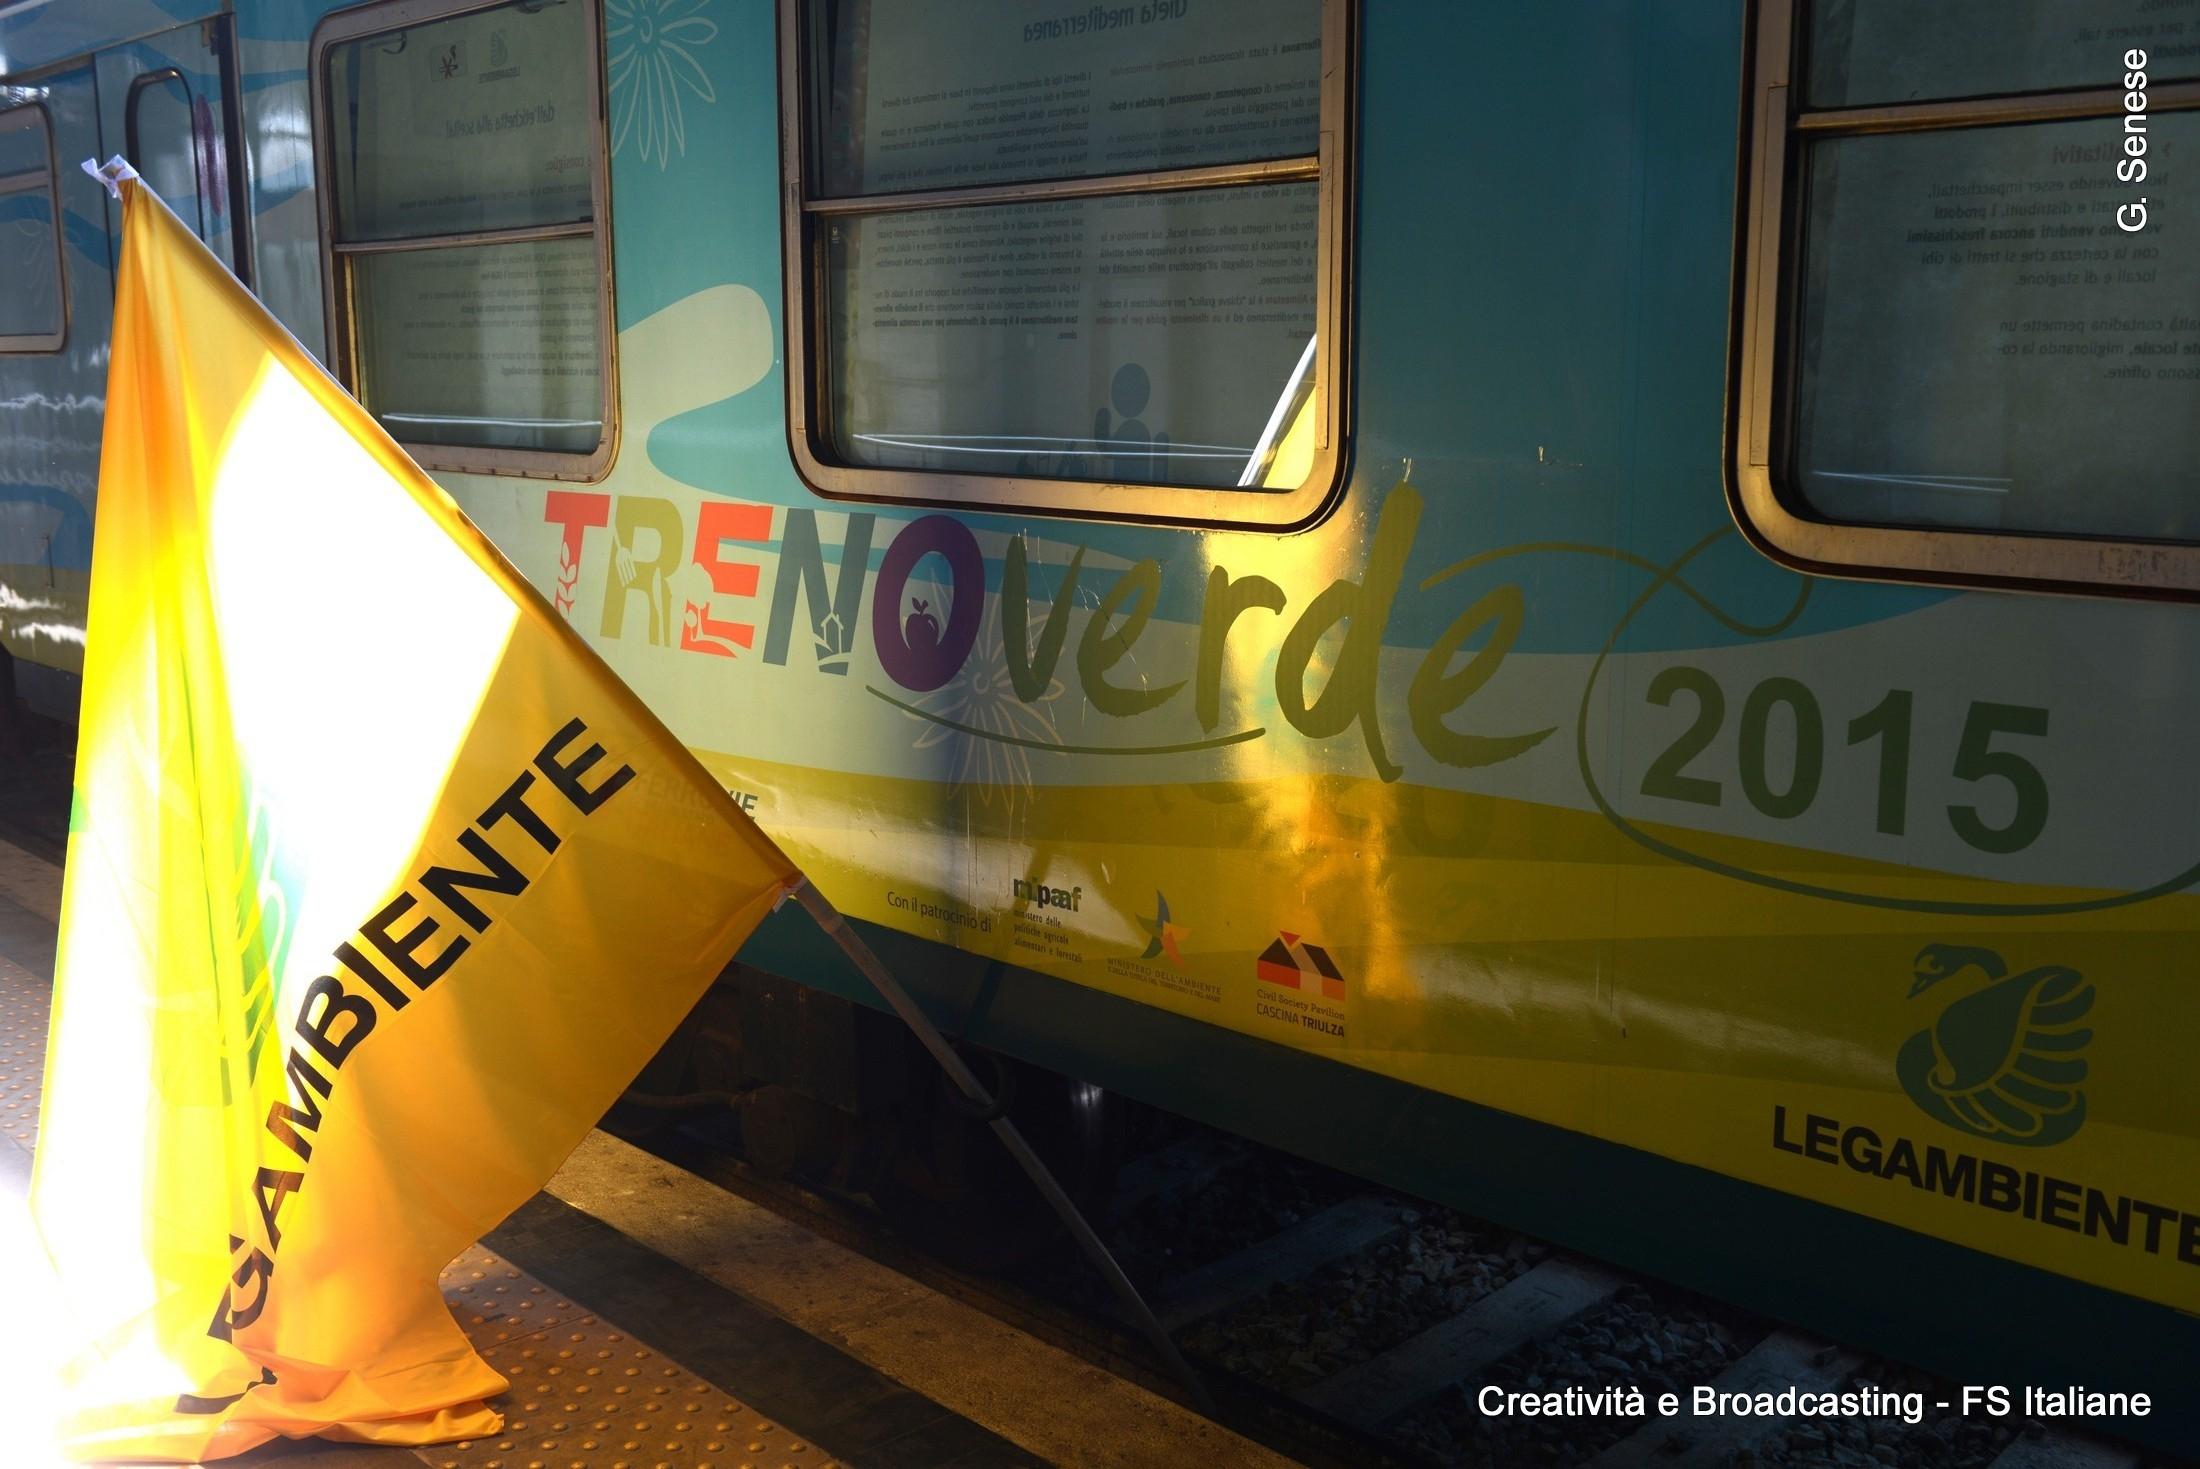 Treno Verde 2015 - Foto Gruppo Ferrovie dello Stato Italiane